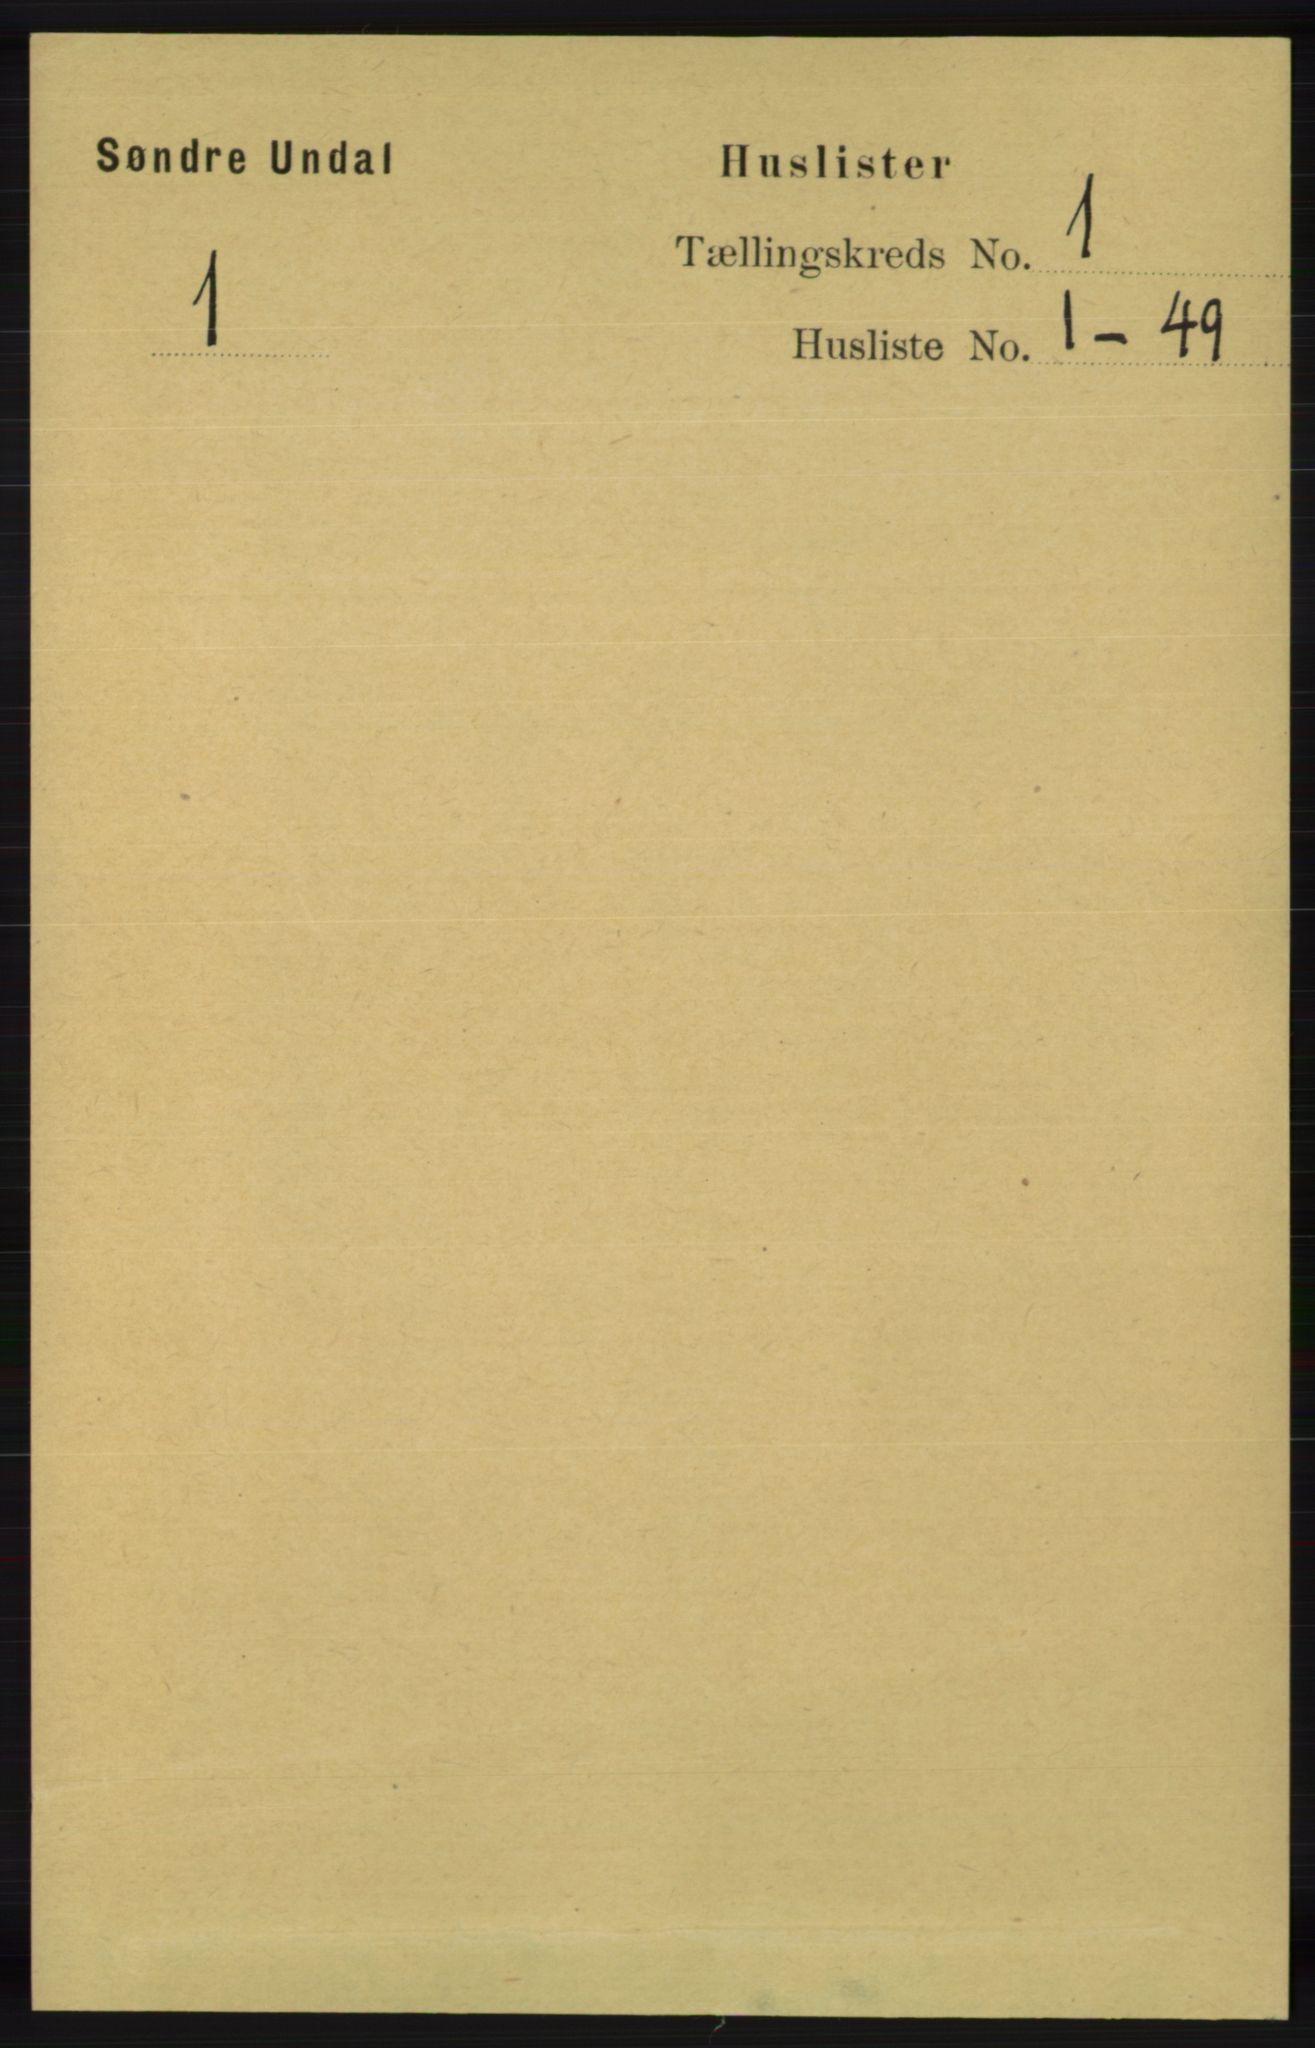 RA, Folketelling 1891 for 1029 Sør-Audnedal herred, 1891, s. 41